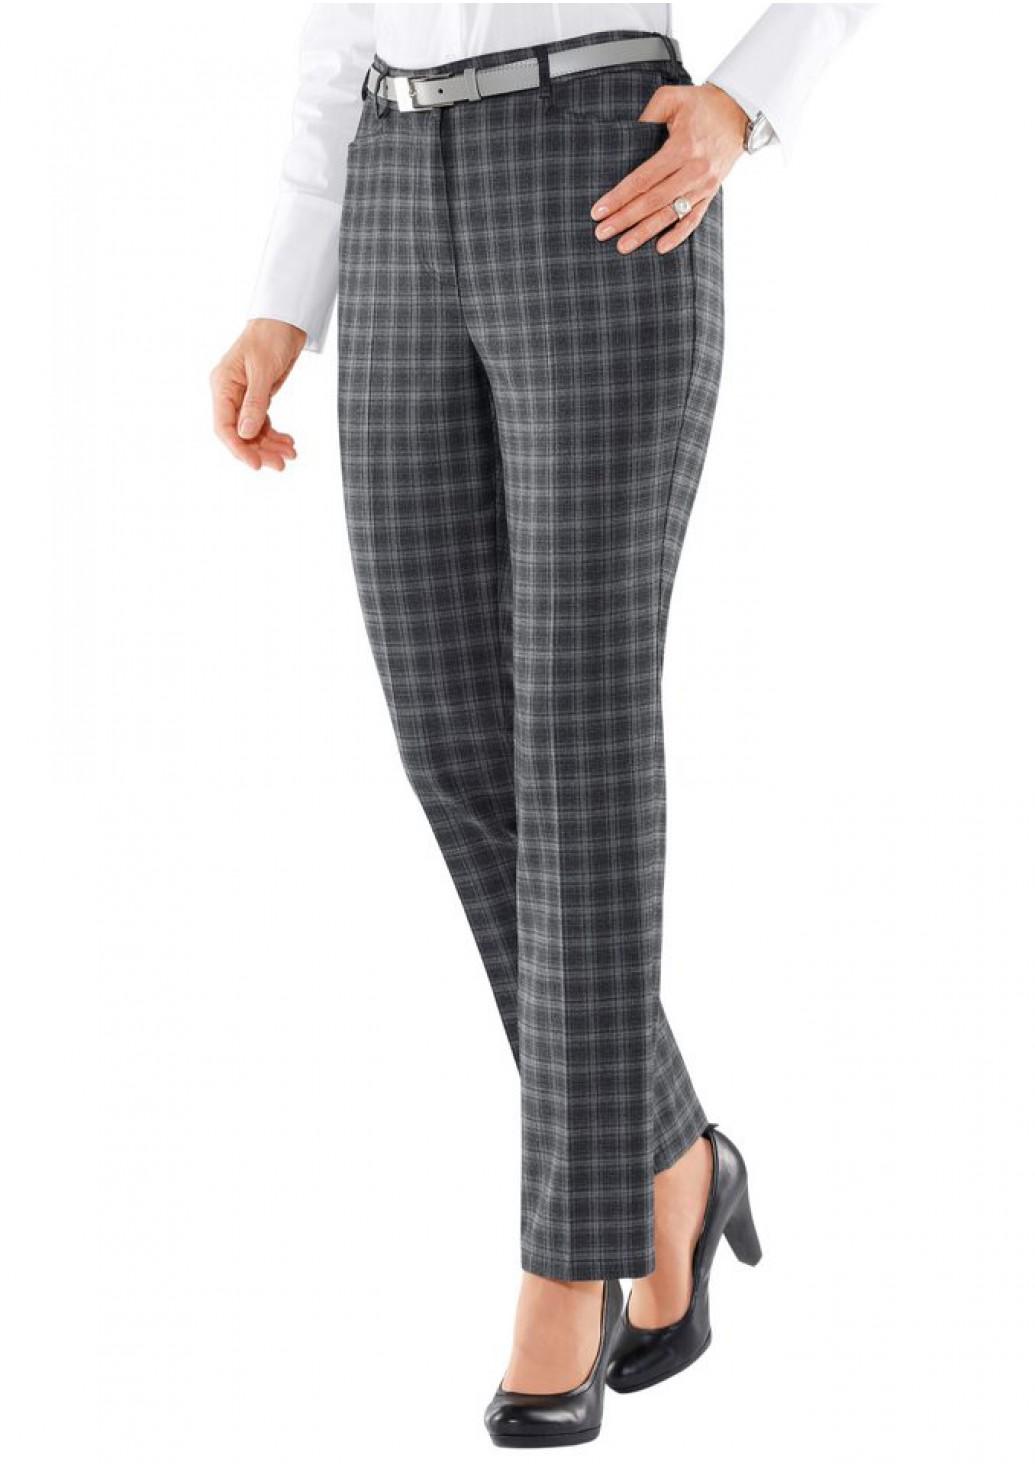 женские брюки весна лето 2019: классические серые в клетку